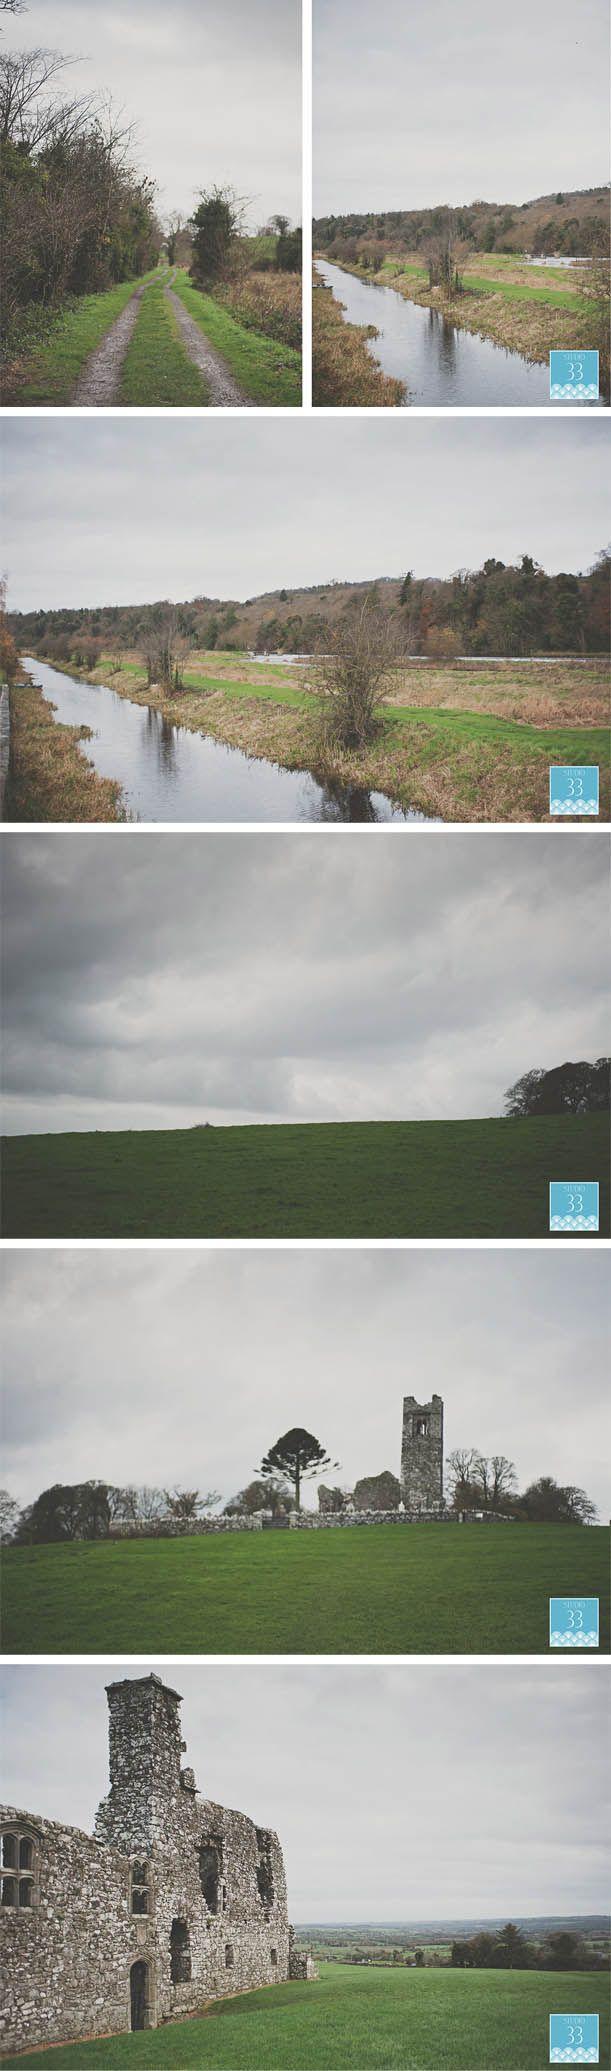 #Slane locations